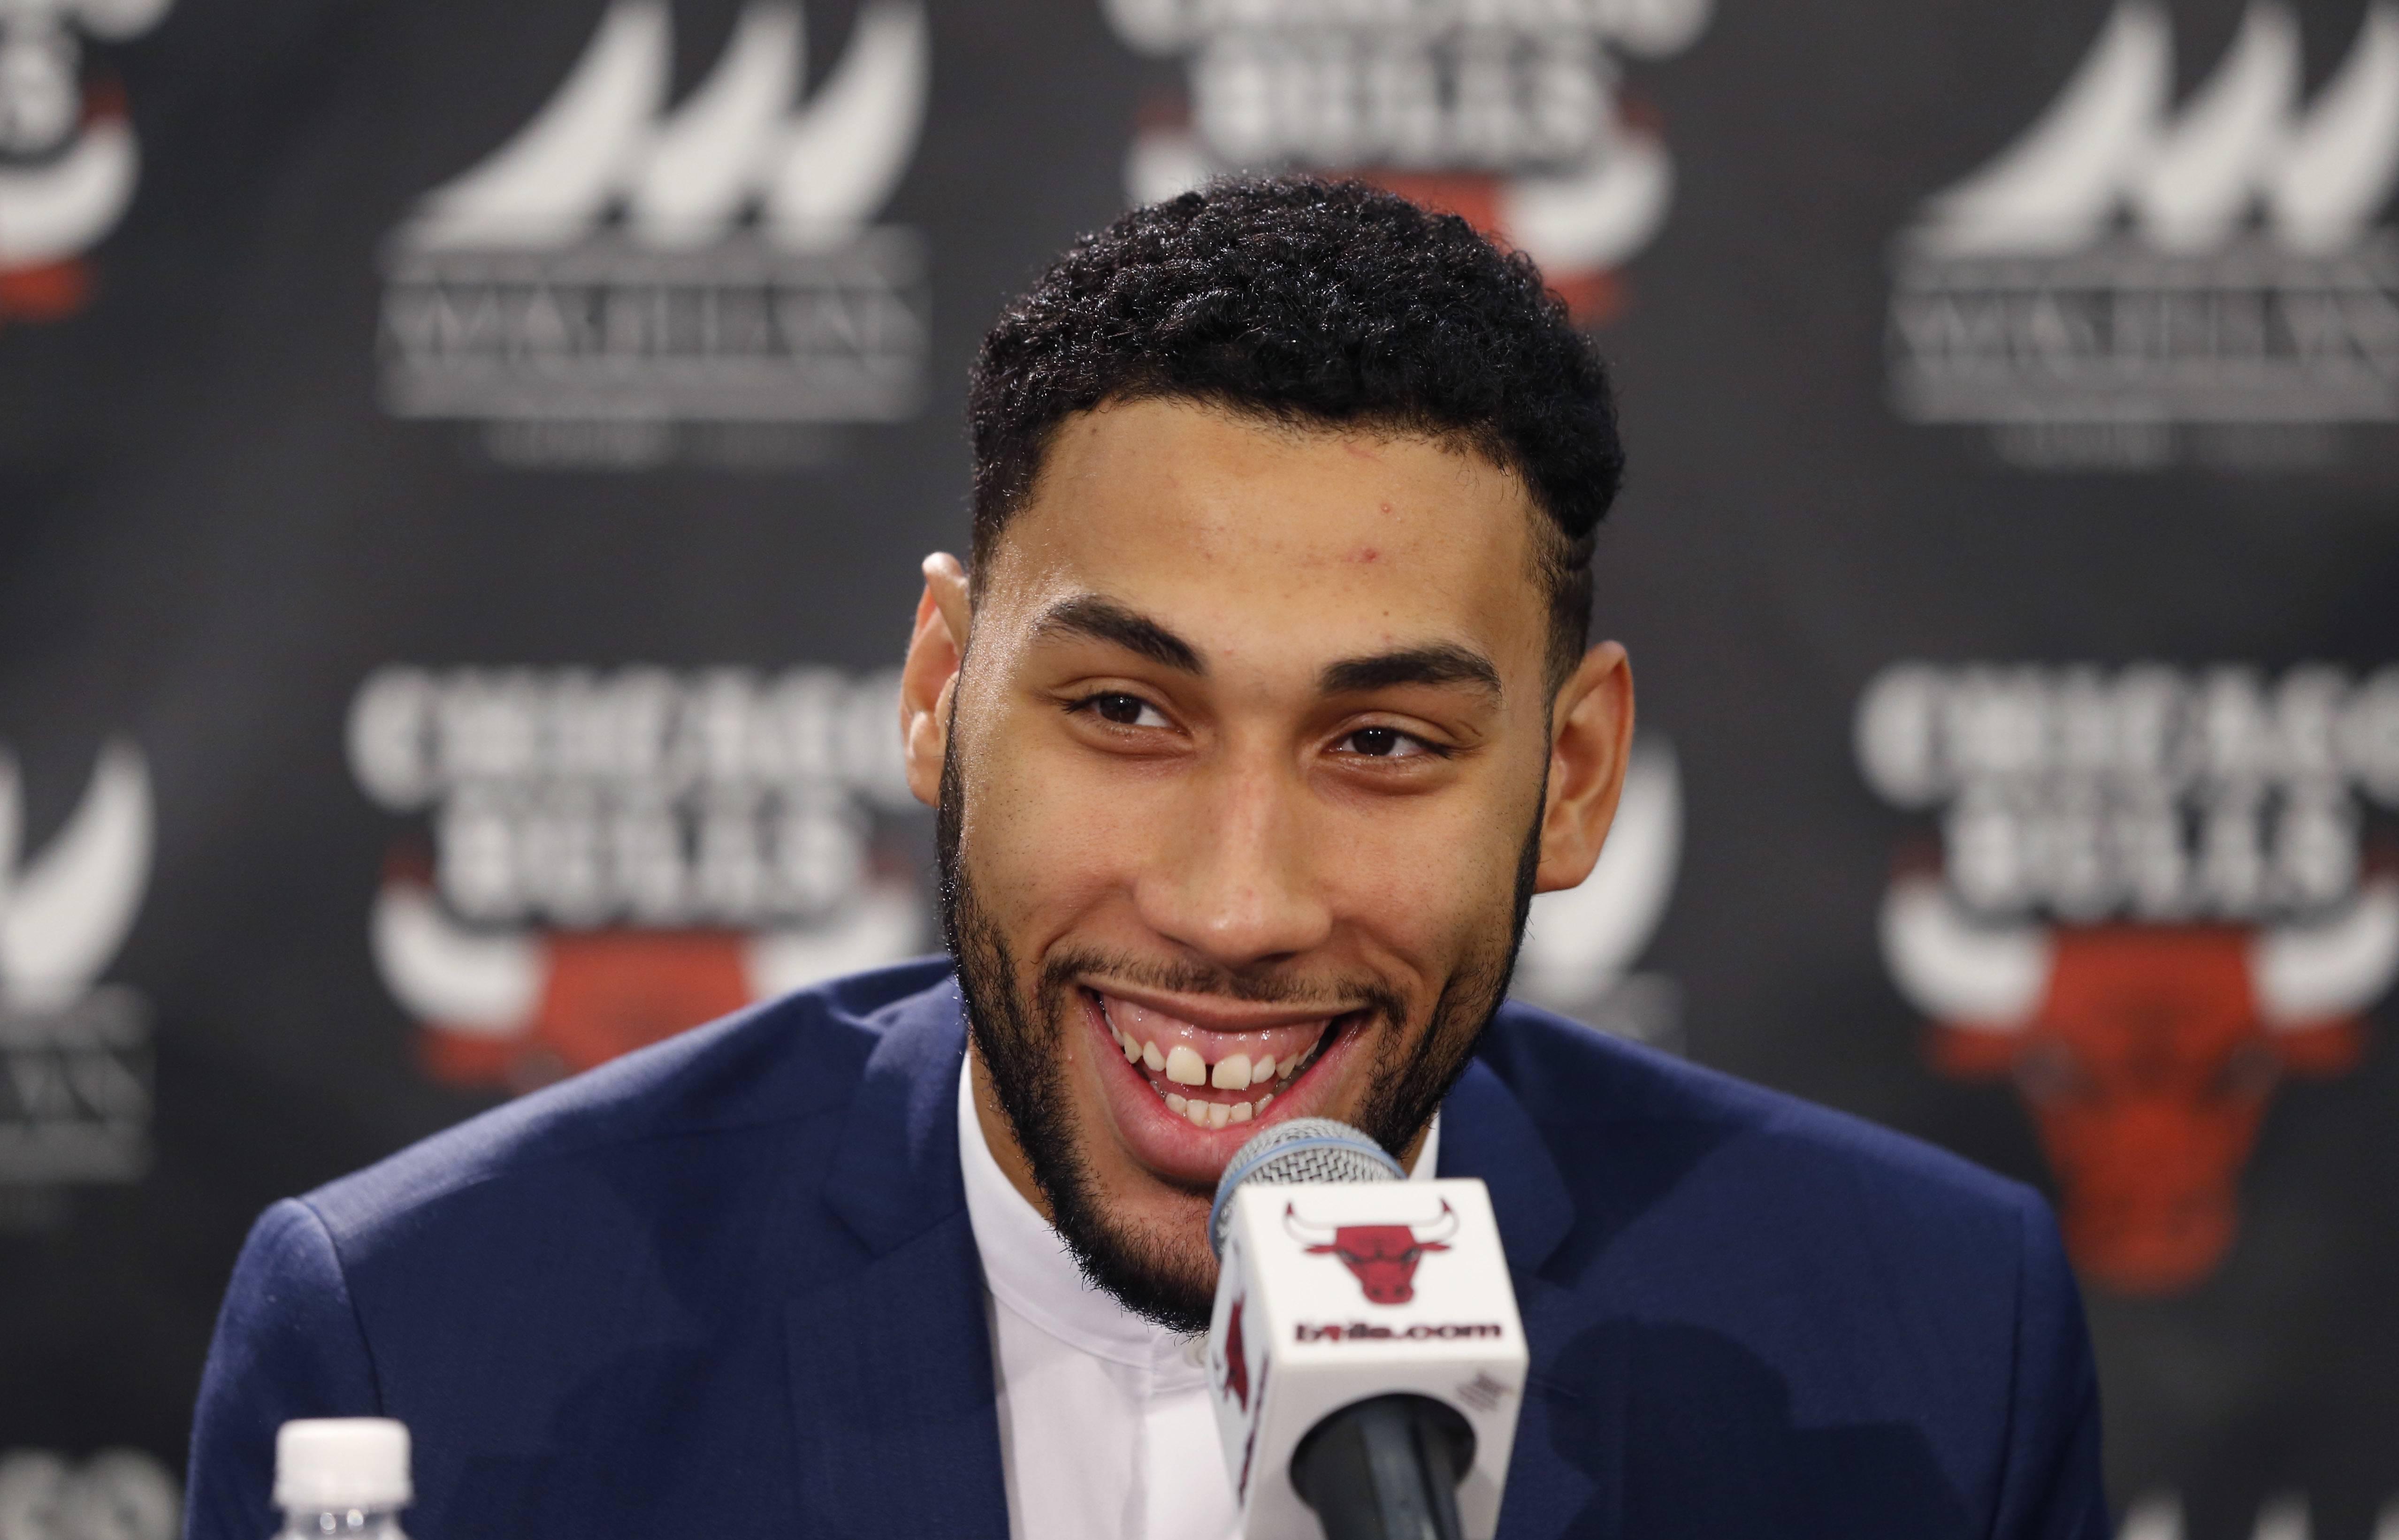 Fesselnd Chicago Bullsu0027 First Round Draft Pick Denzel Valentine, From Michigan State  University, Smiles